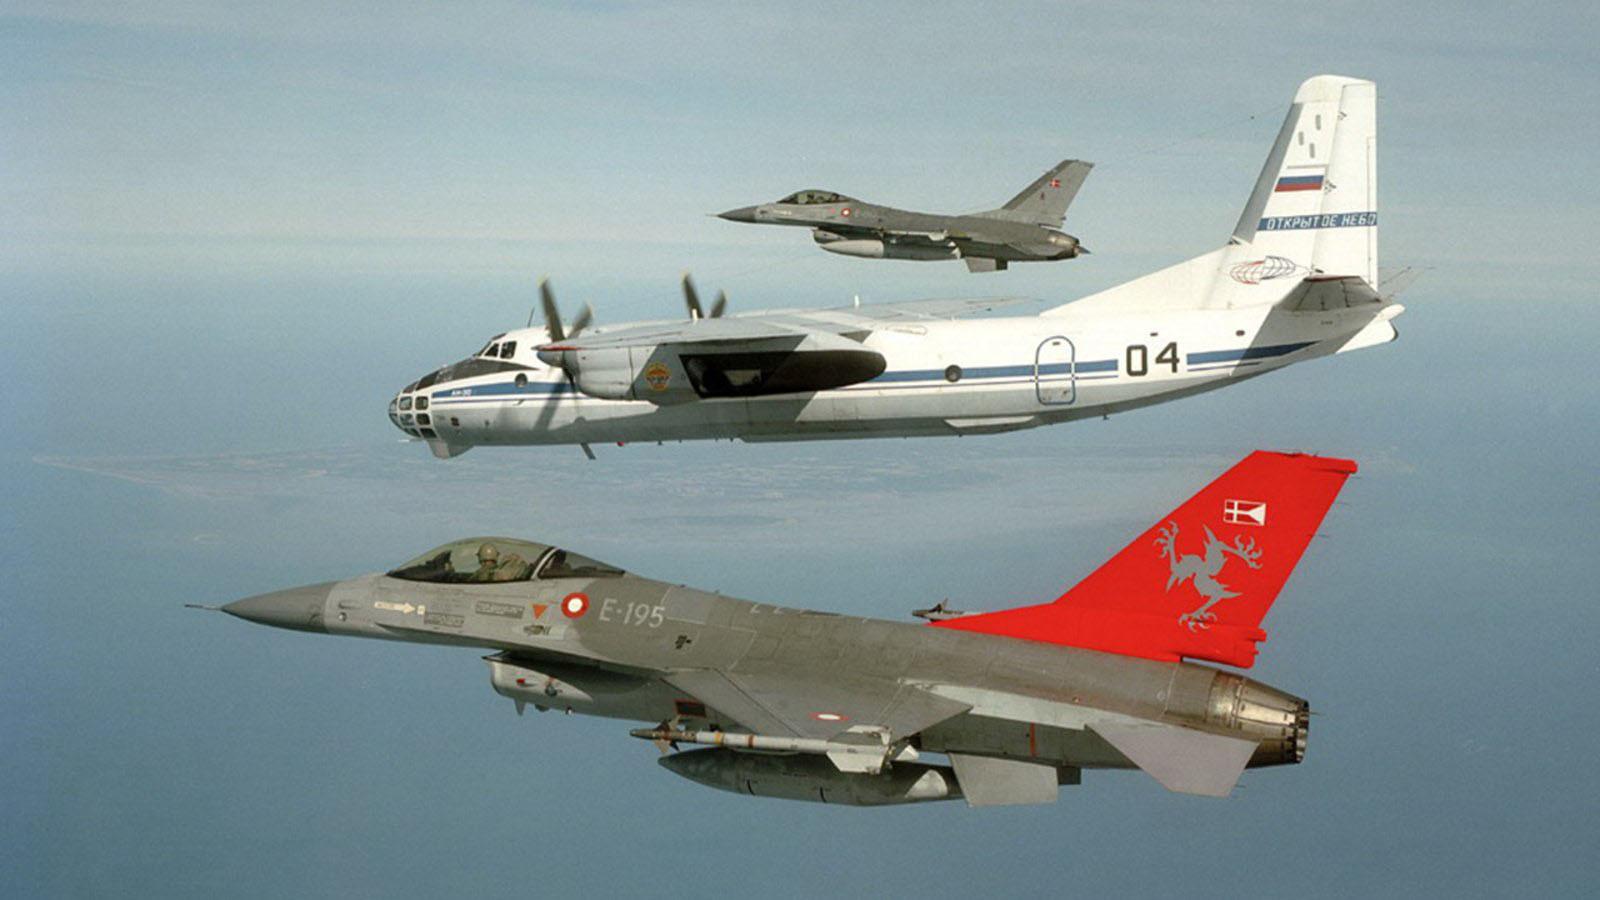 美國,俄羅斯,拜登,普丁,開放天空條約,國際協議,軍備競賽,北約,歐盟,烏克蘭,克里米亞